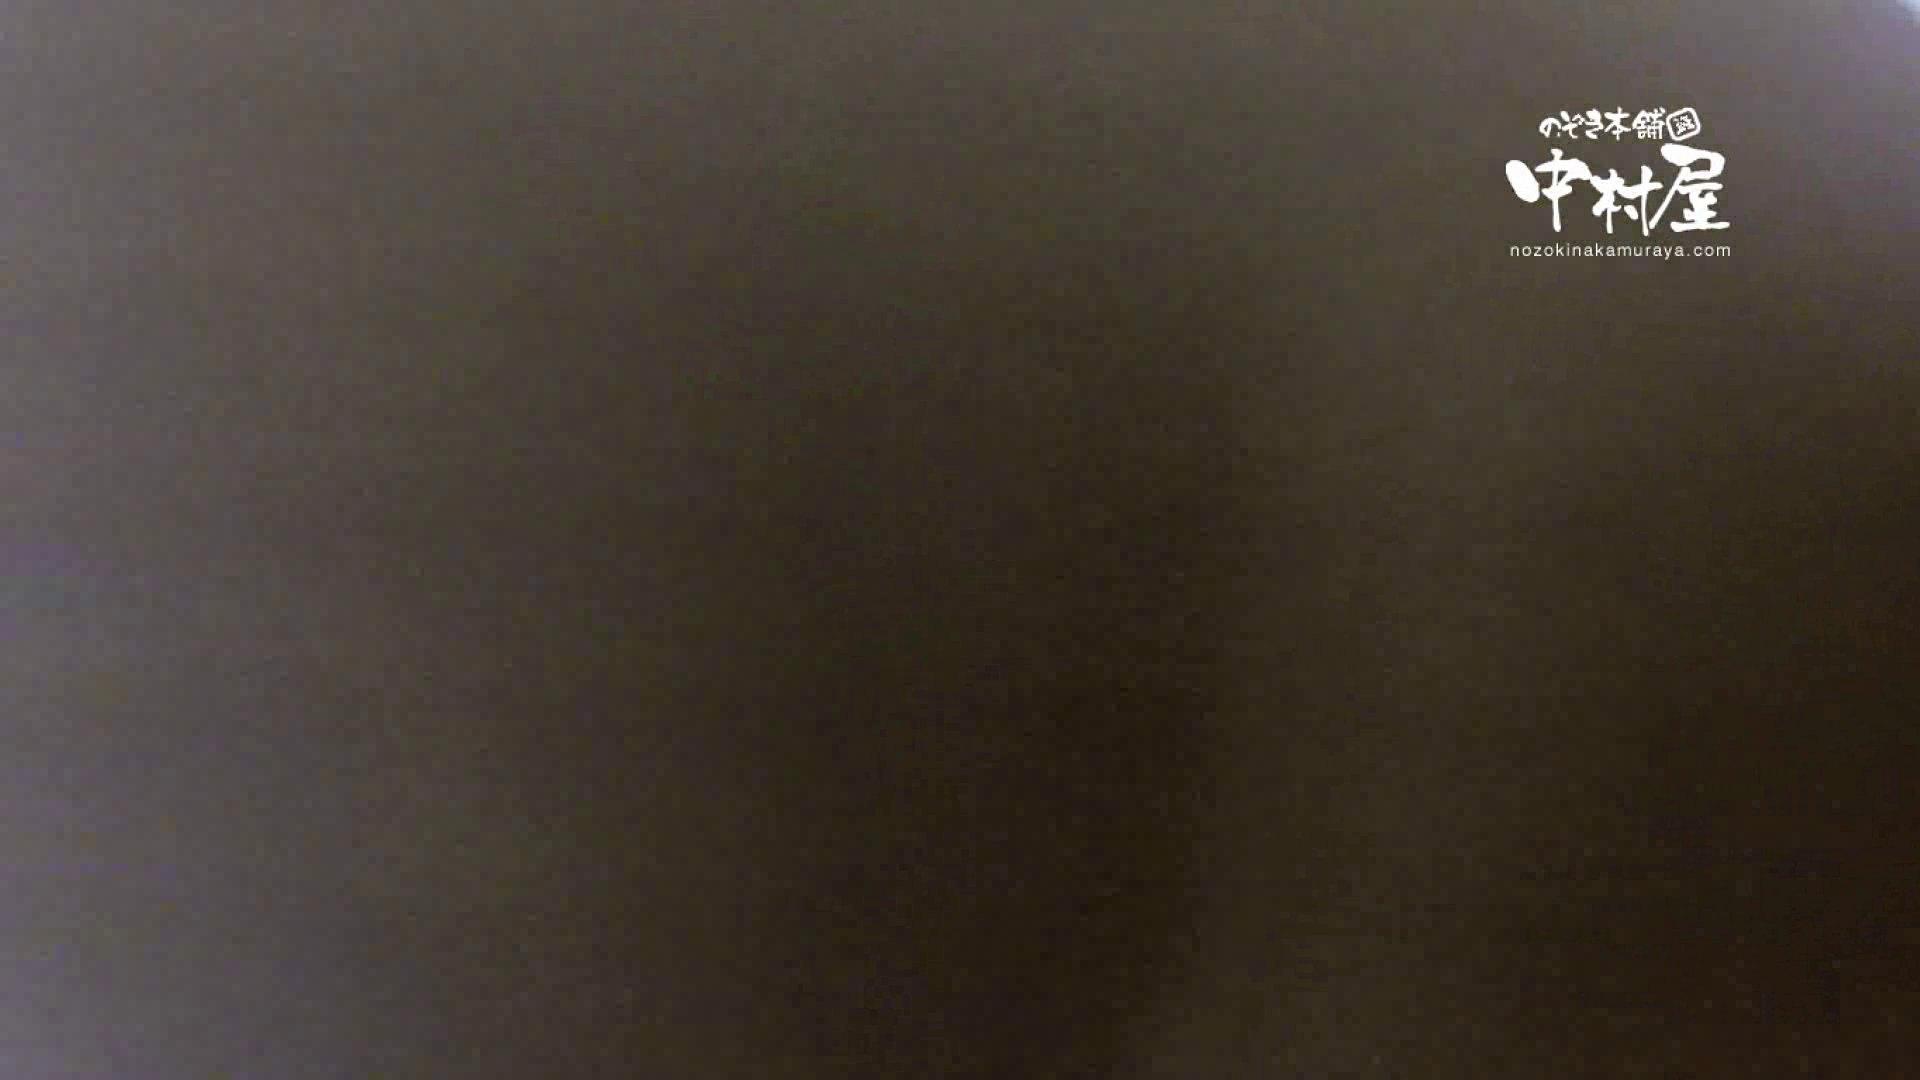 鬼畜 vol.06 中出し処刑! 前編 鬼畜 | HなOL  82pic 24